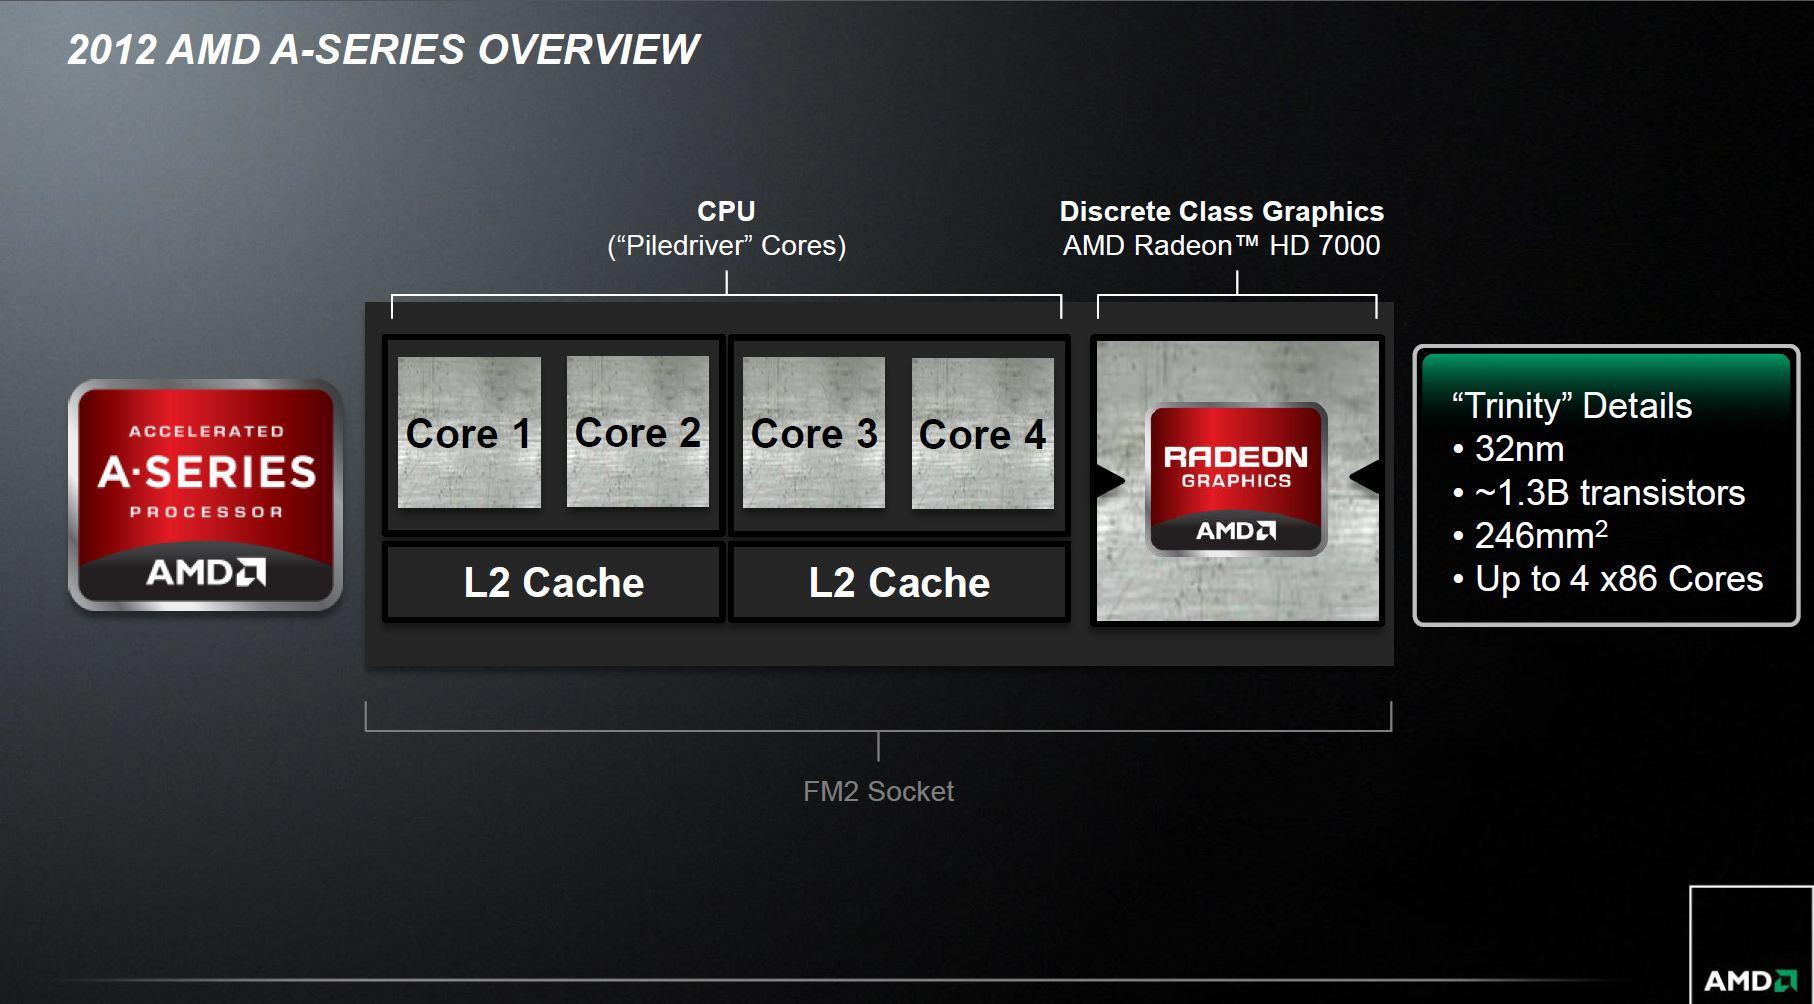 [XF] 新年升級 省電繪圖效能平衡之選 AMD Trinity APU A10 5700評測